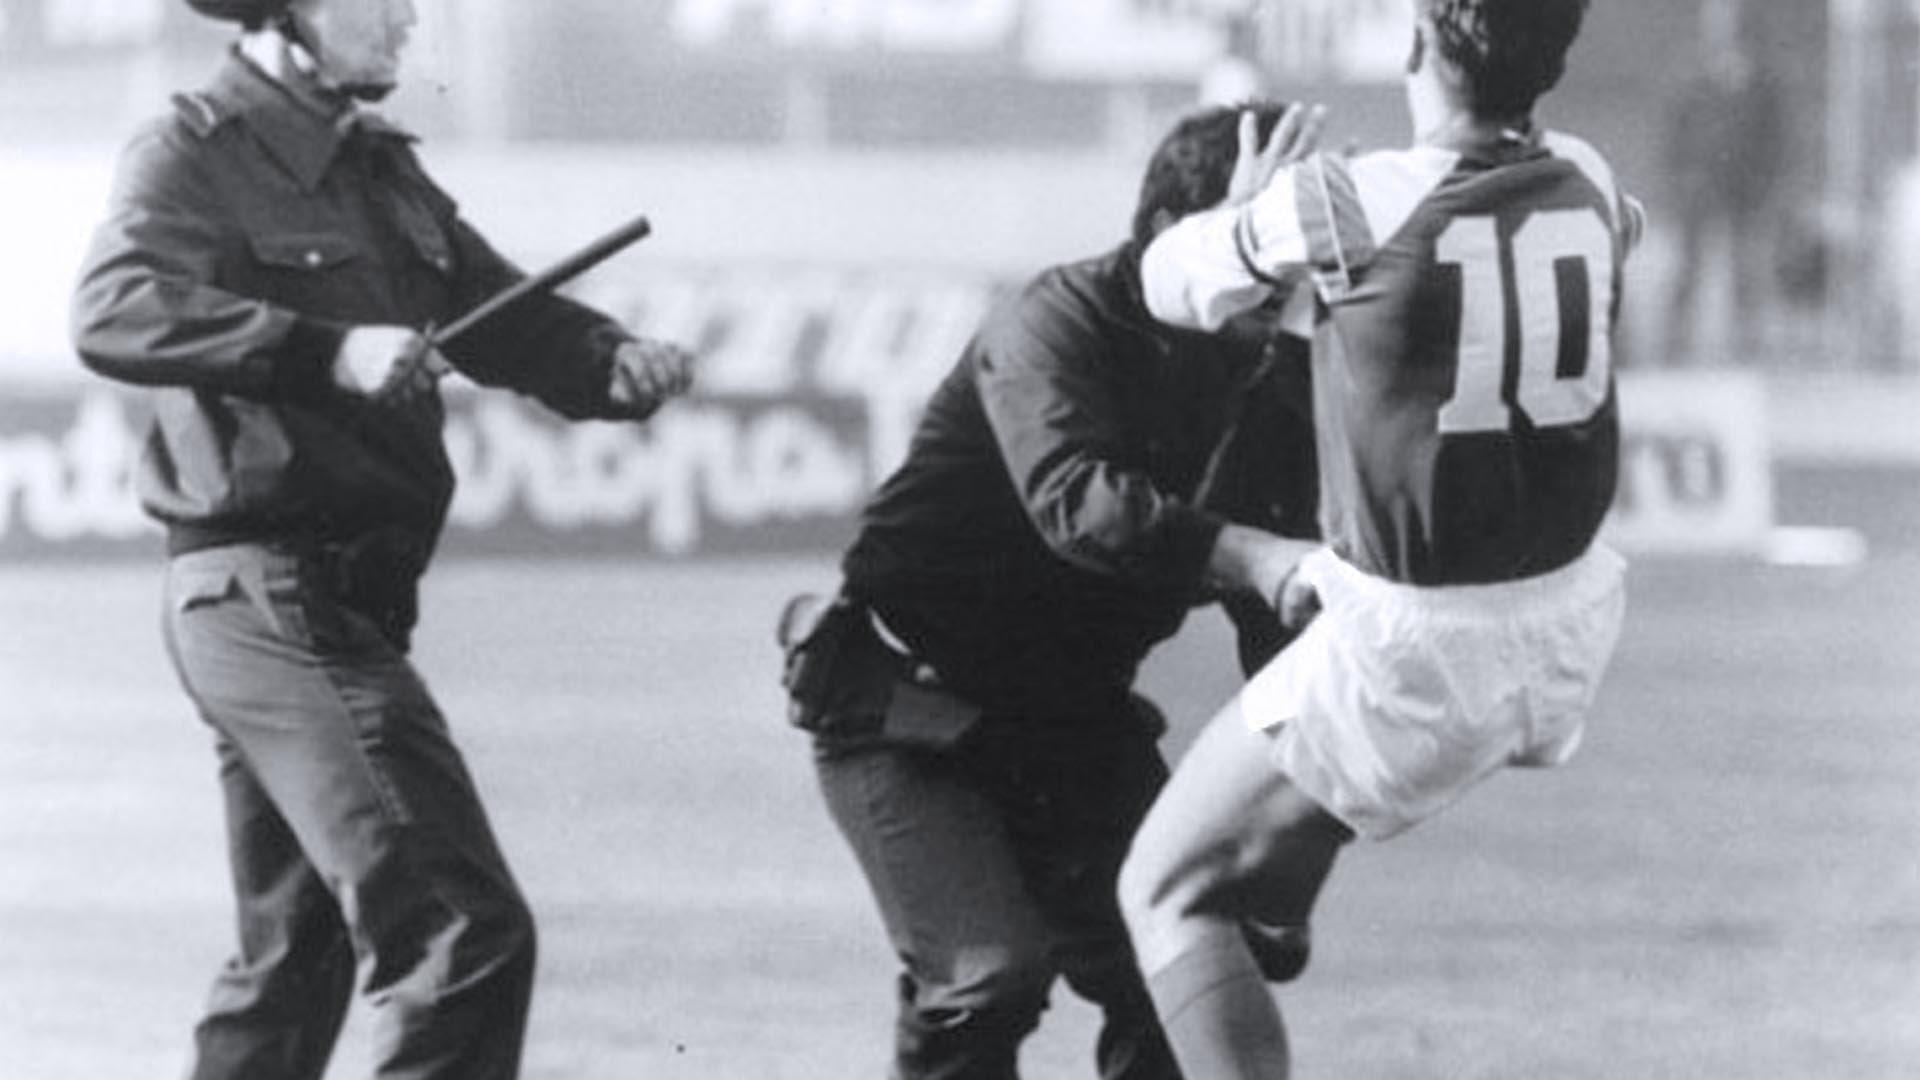 Zvonimir Boban tirò un calcio a un agente